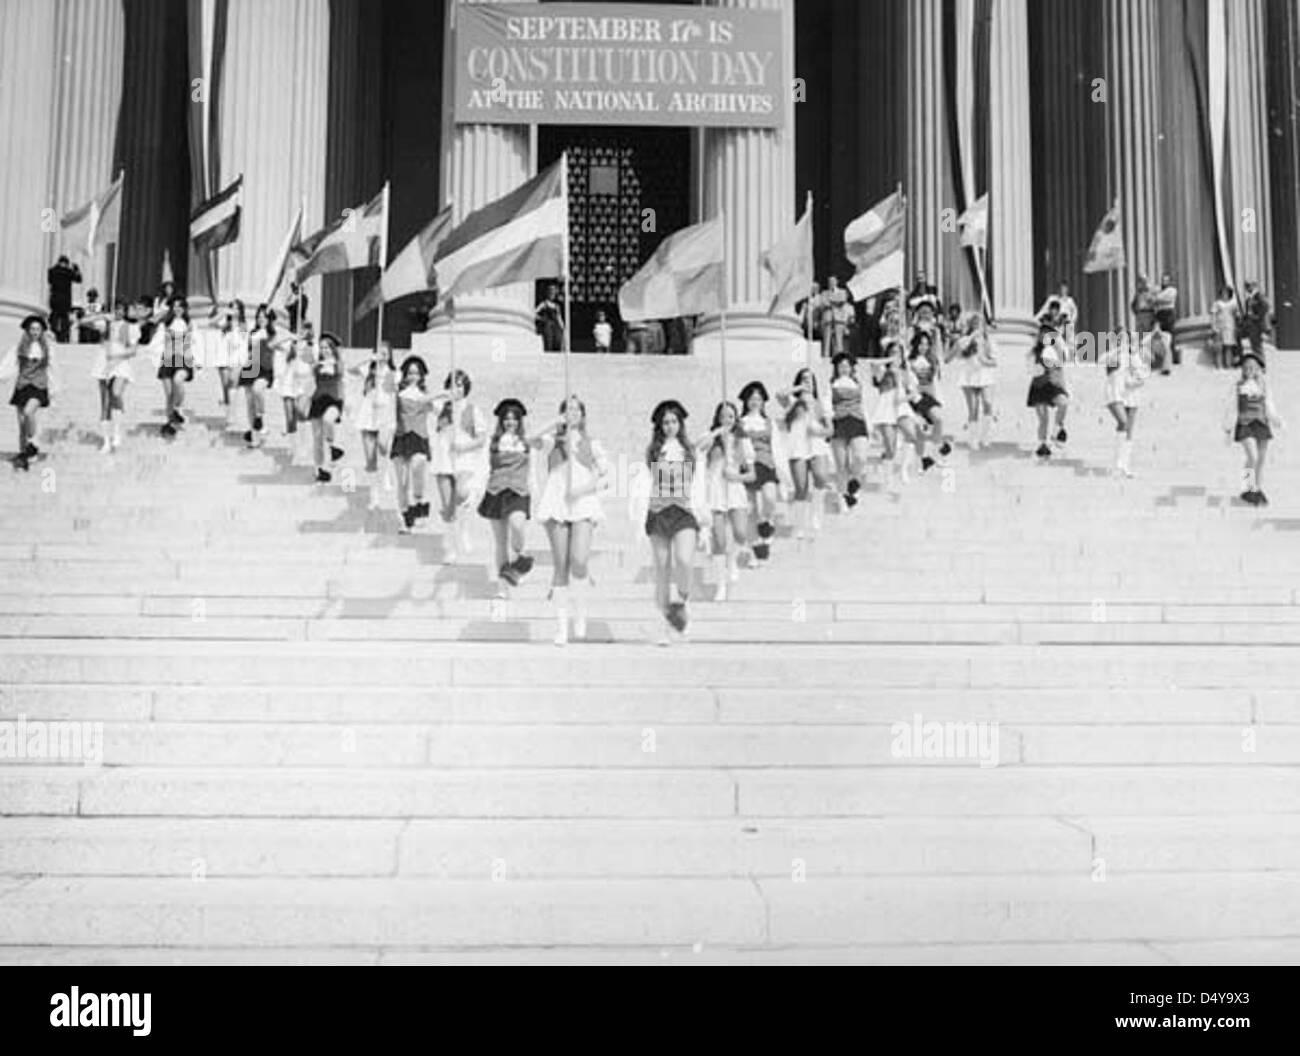 Photographie de Jefferson high school marching colonials d'effectuer sur les marches de l'édifice des archives nationales Banque D'Images